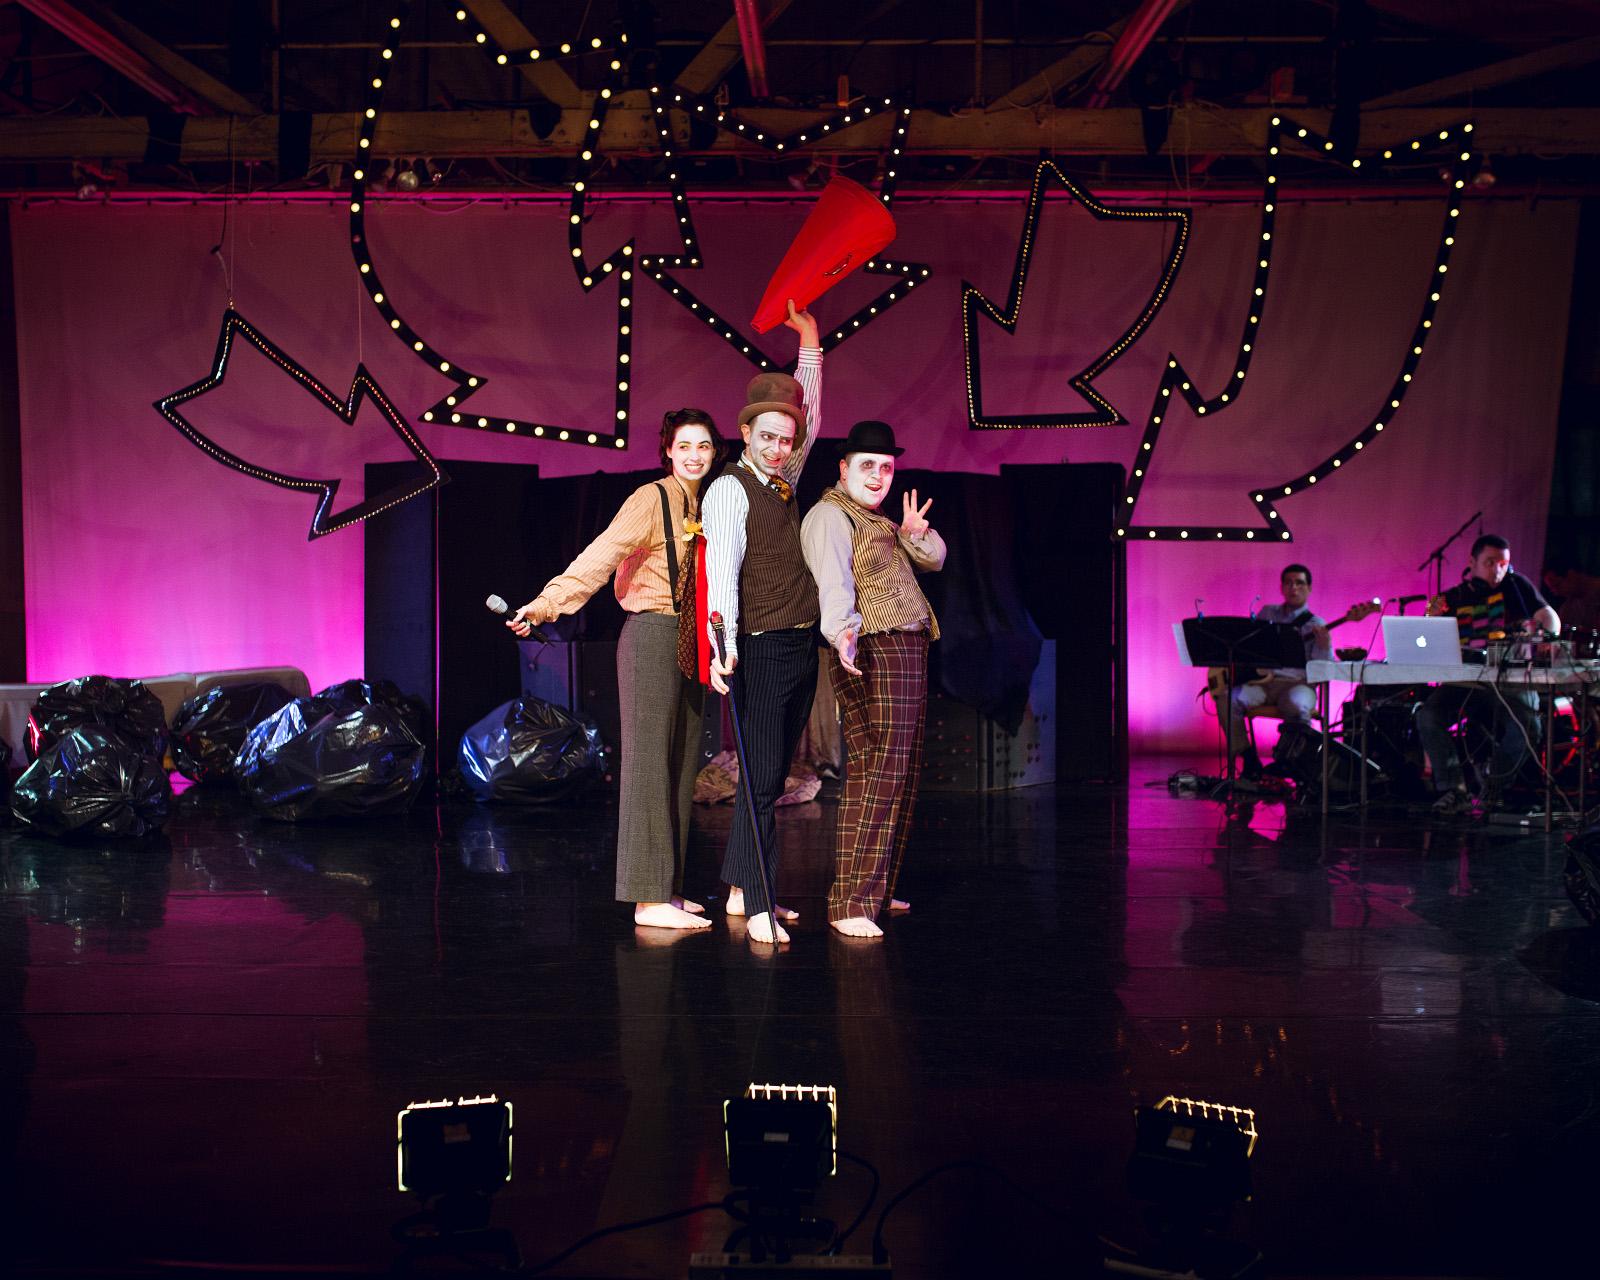 Brat Productions, Painted Bride, Theatre, Theater, Philadelphia, Painted Bride, Photo by Jauhien Sasnou